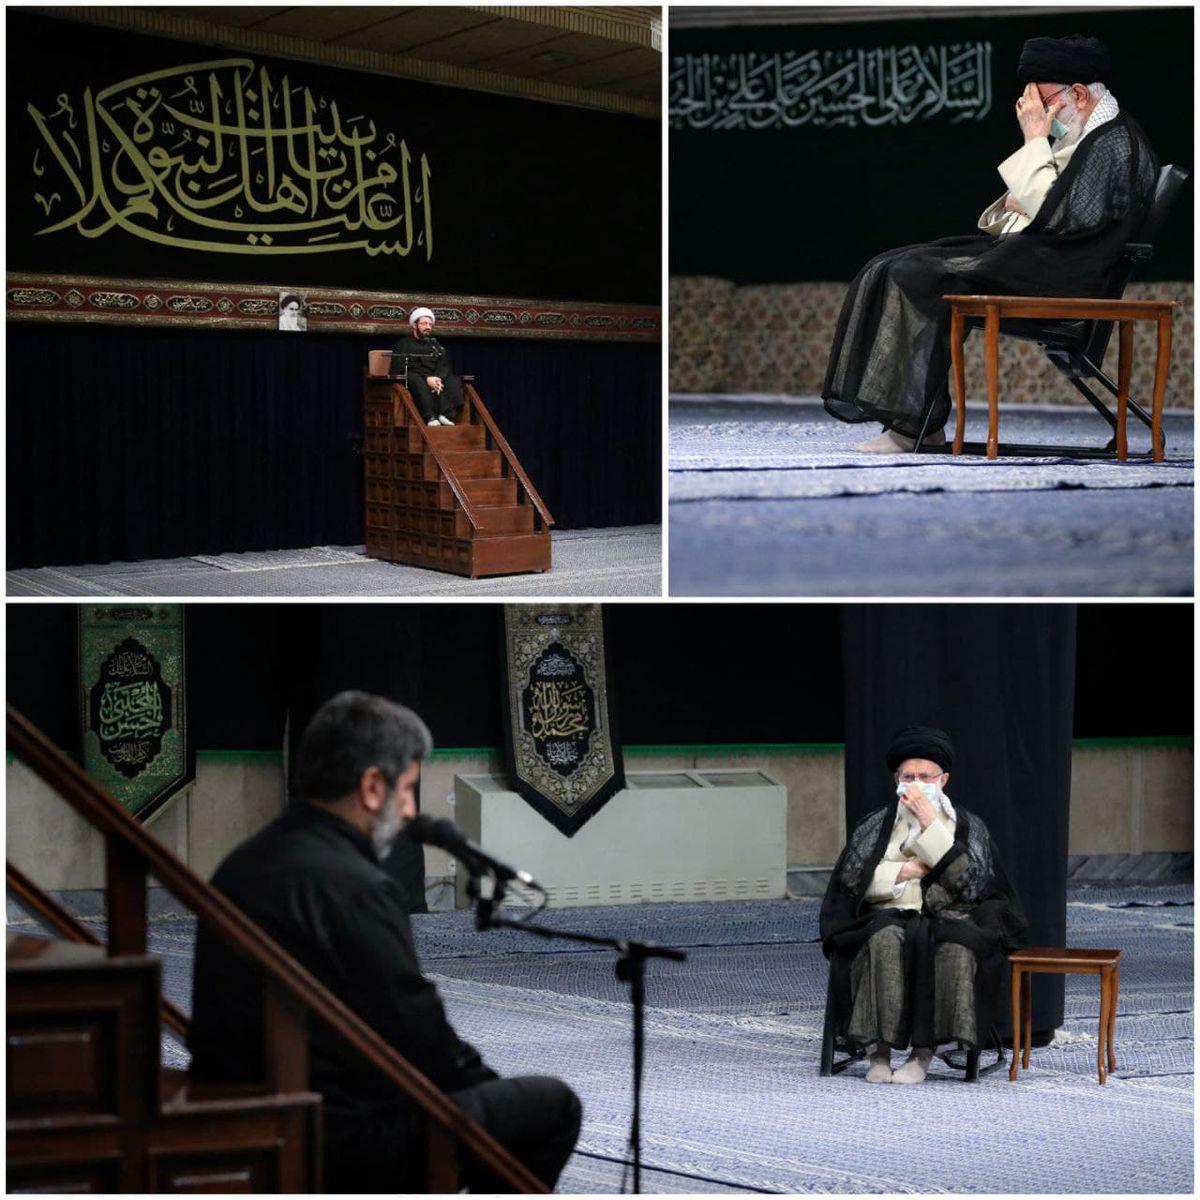 تصاویری از مراسم عزاداری در حسینه امام خمینی